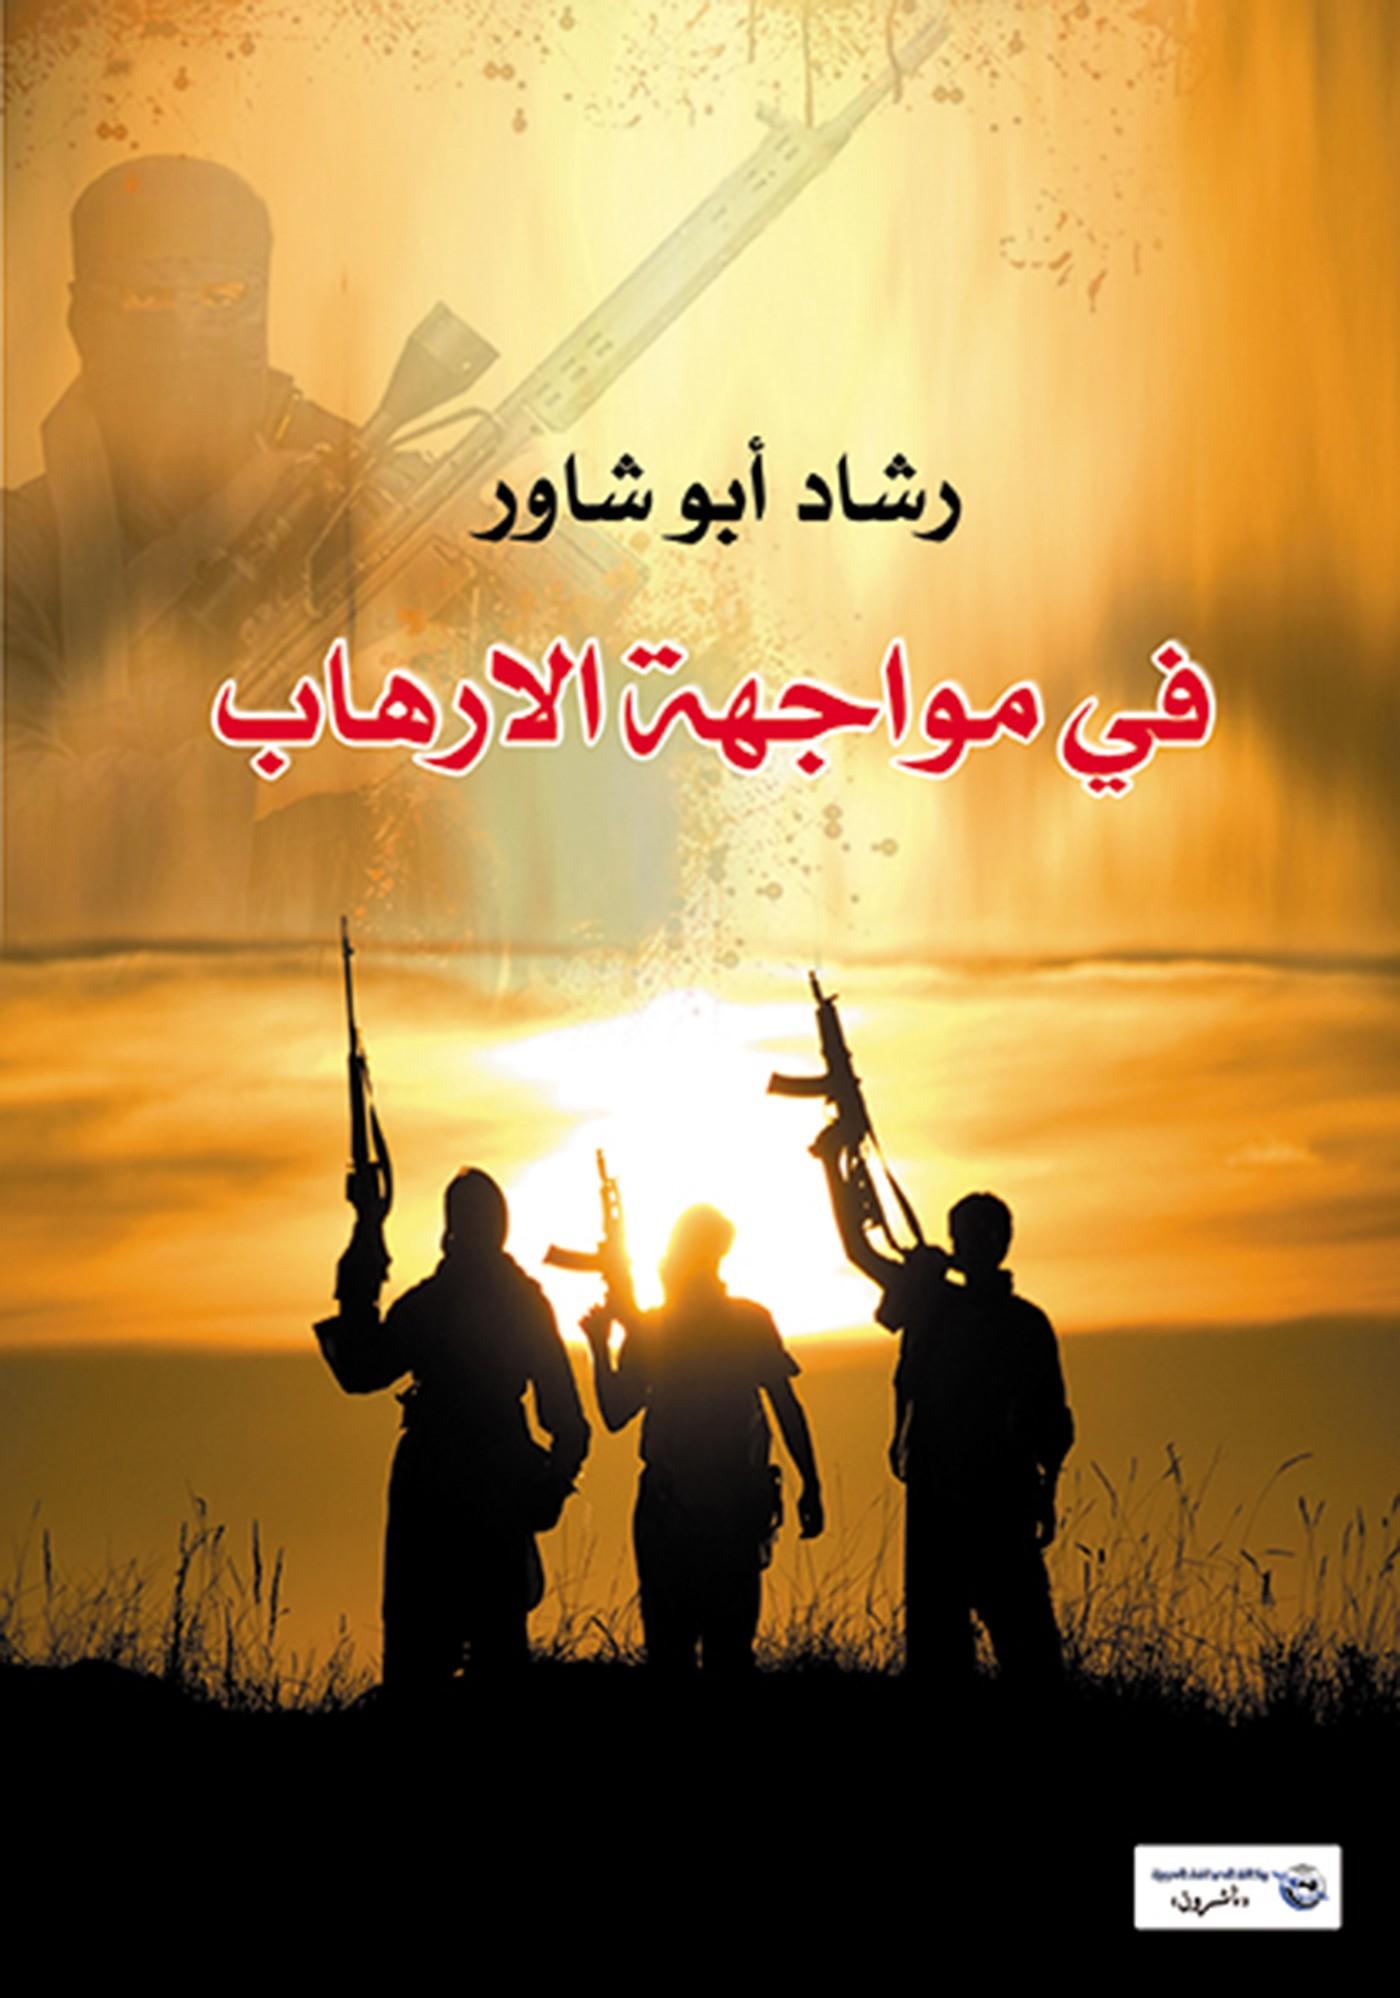 في مواجهة الإرهاب